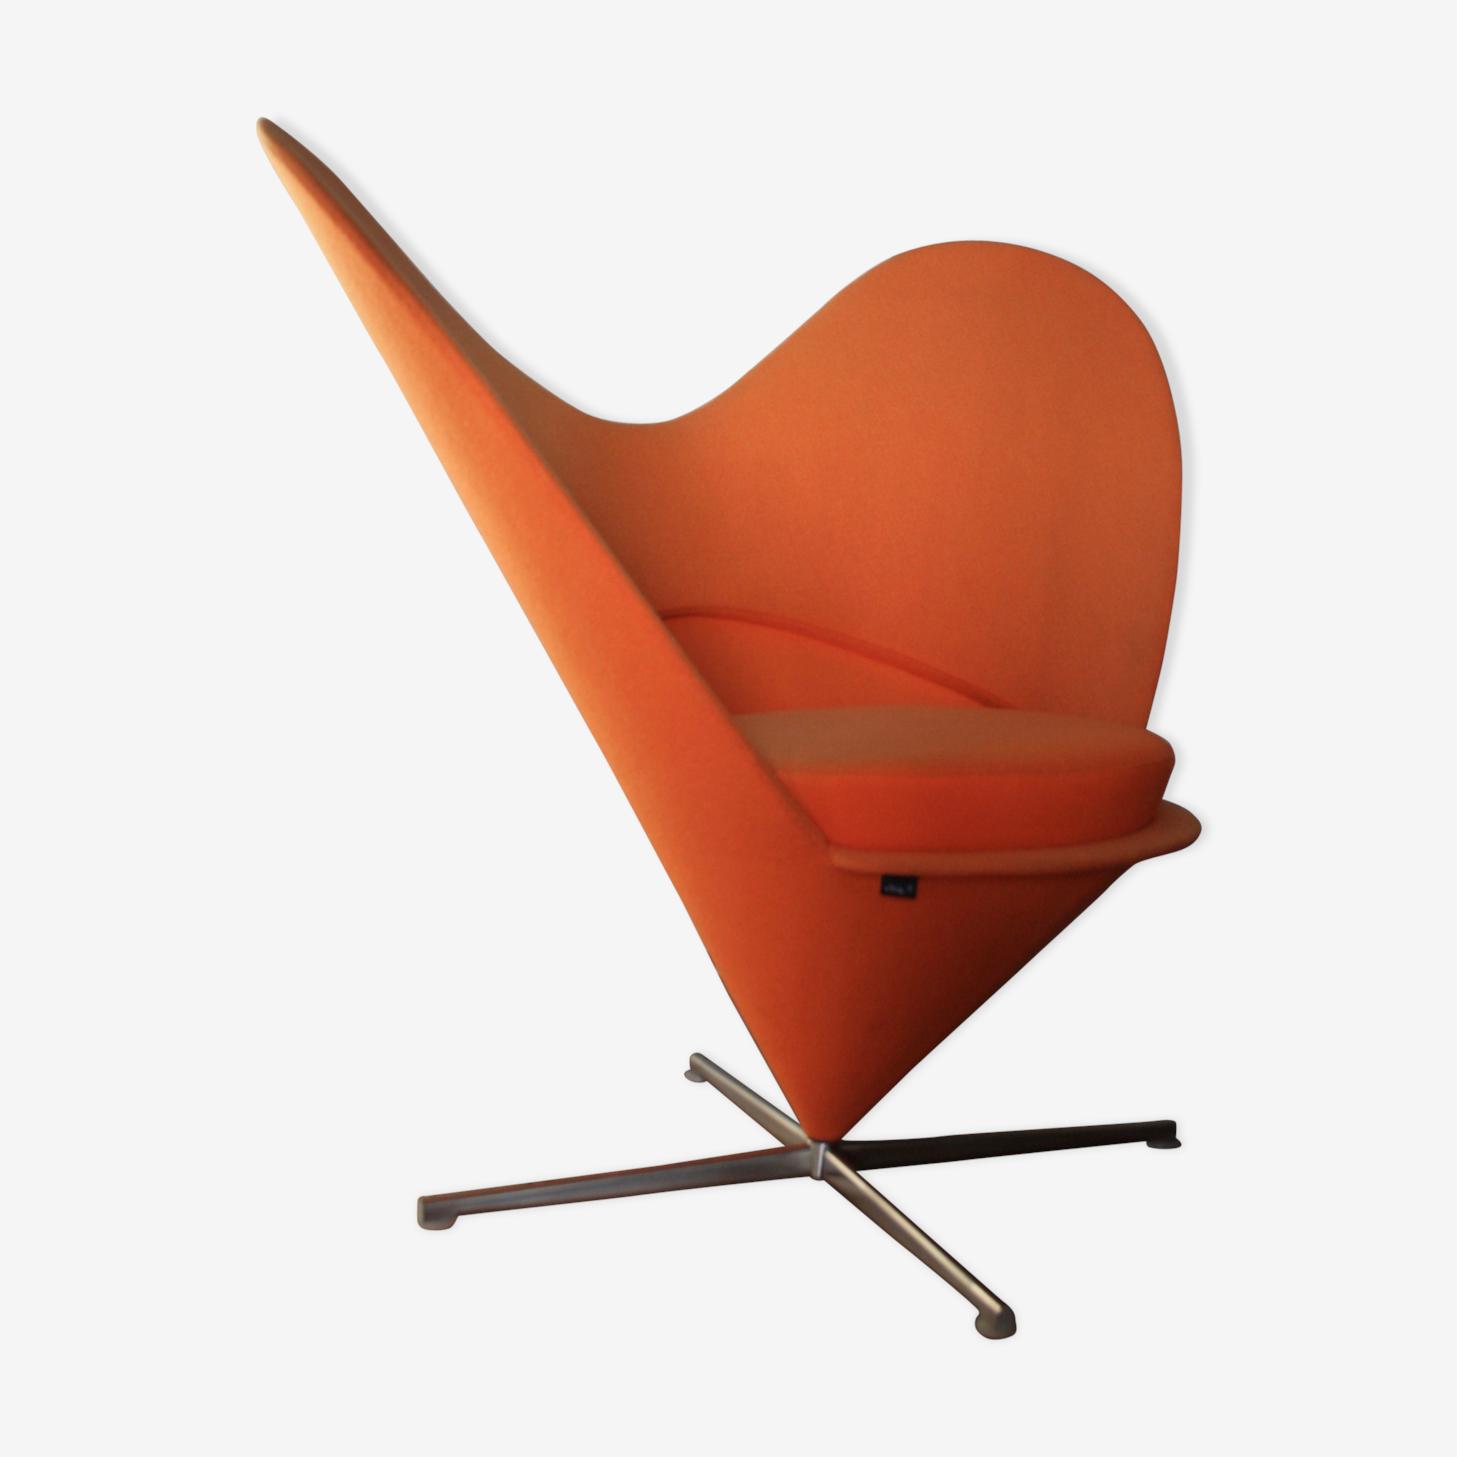 Fauteuil Heart Cone Chair par Verner Panton pour Vitra